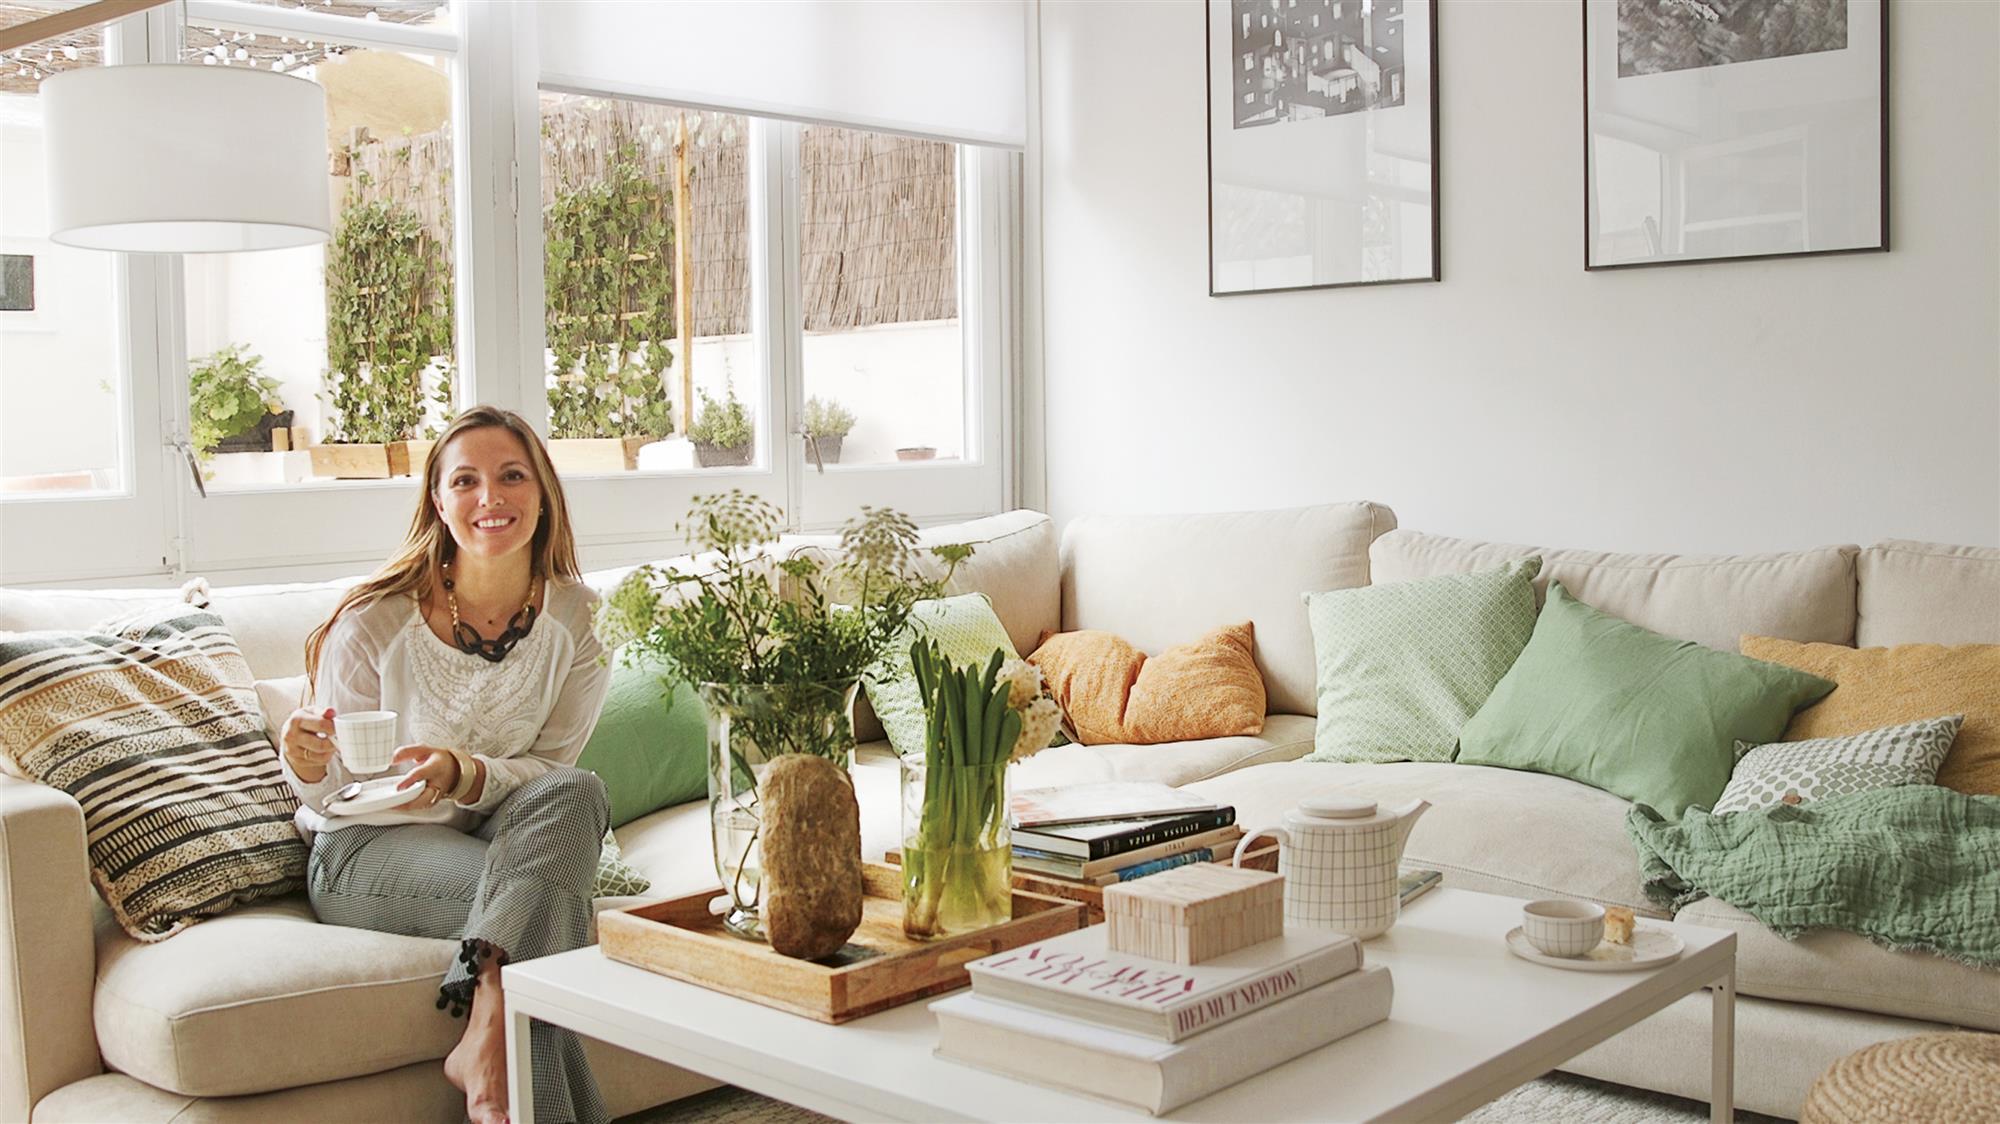 Art culos y fotograf as con las mejores mesas de centro de for Revista de decoracion el mueble